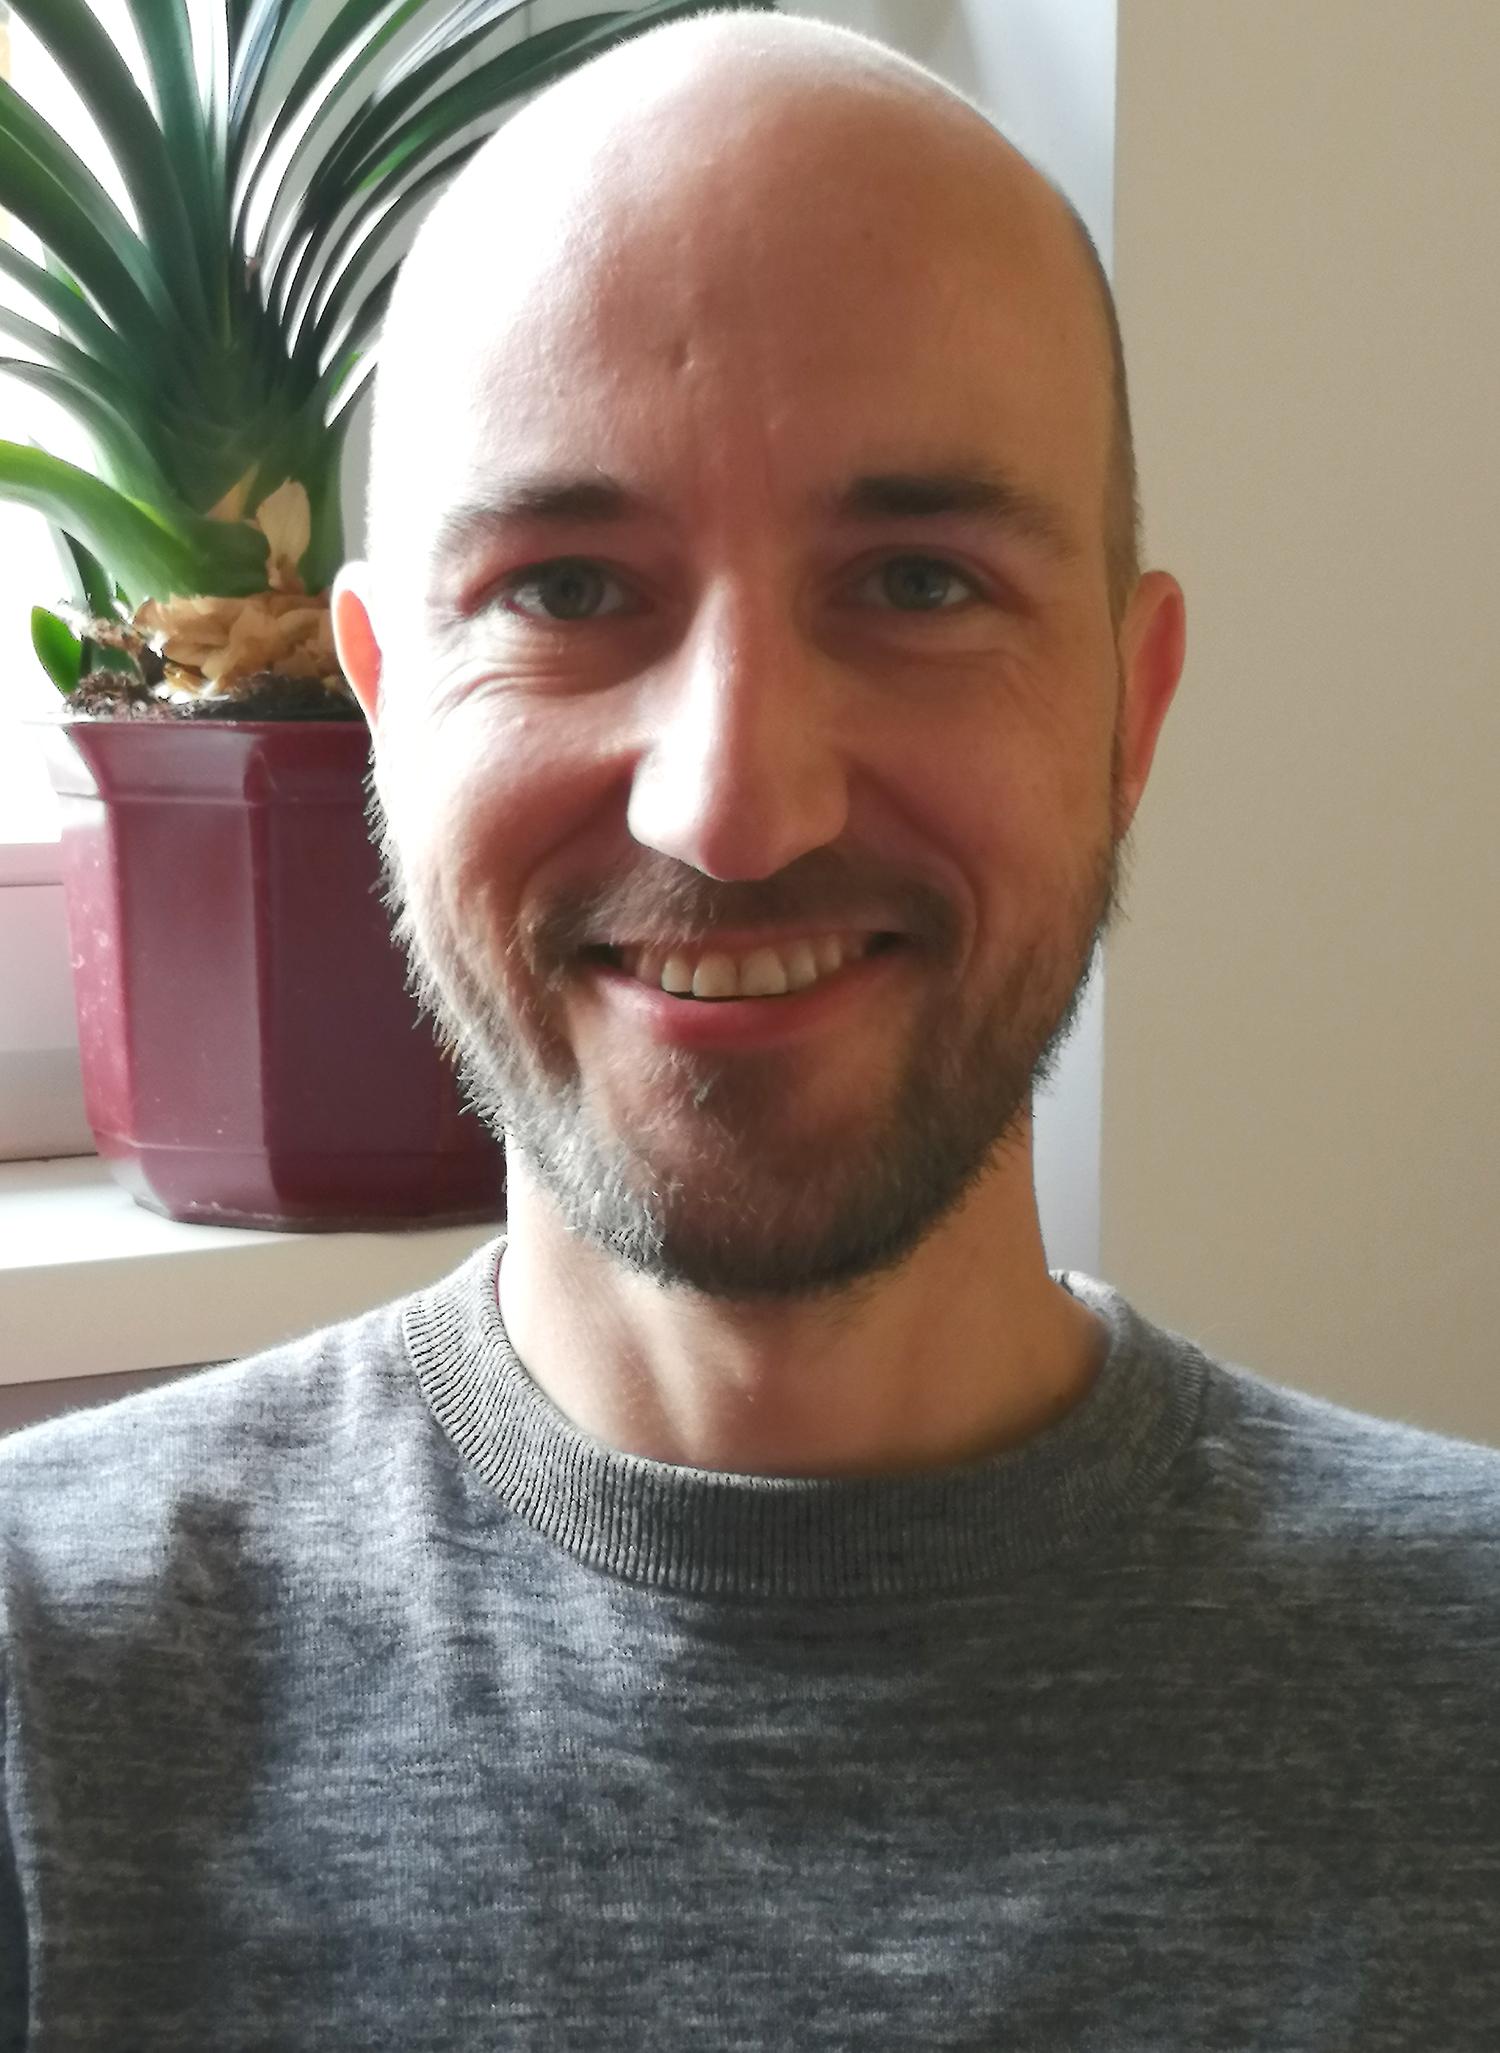 Adrien Lohfink